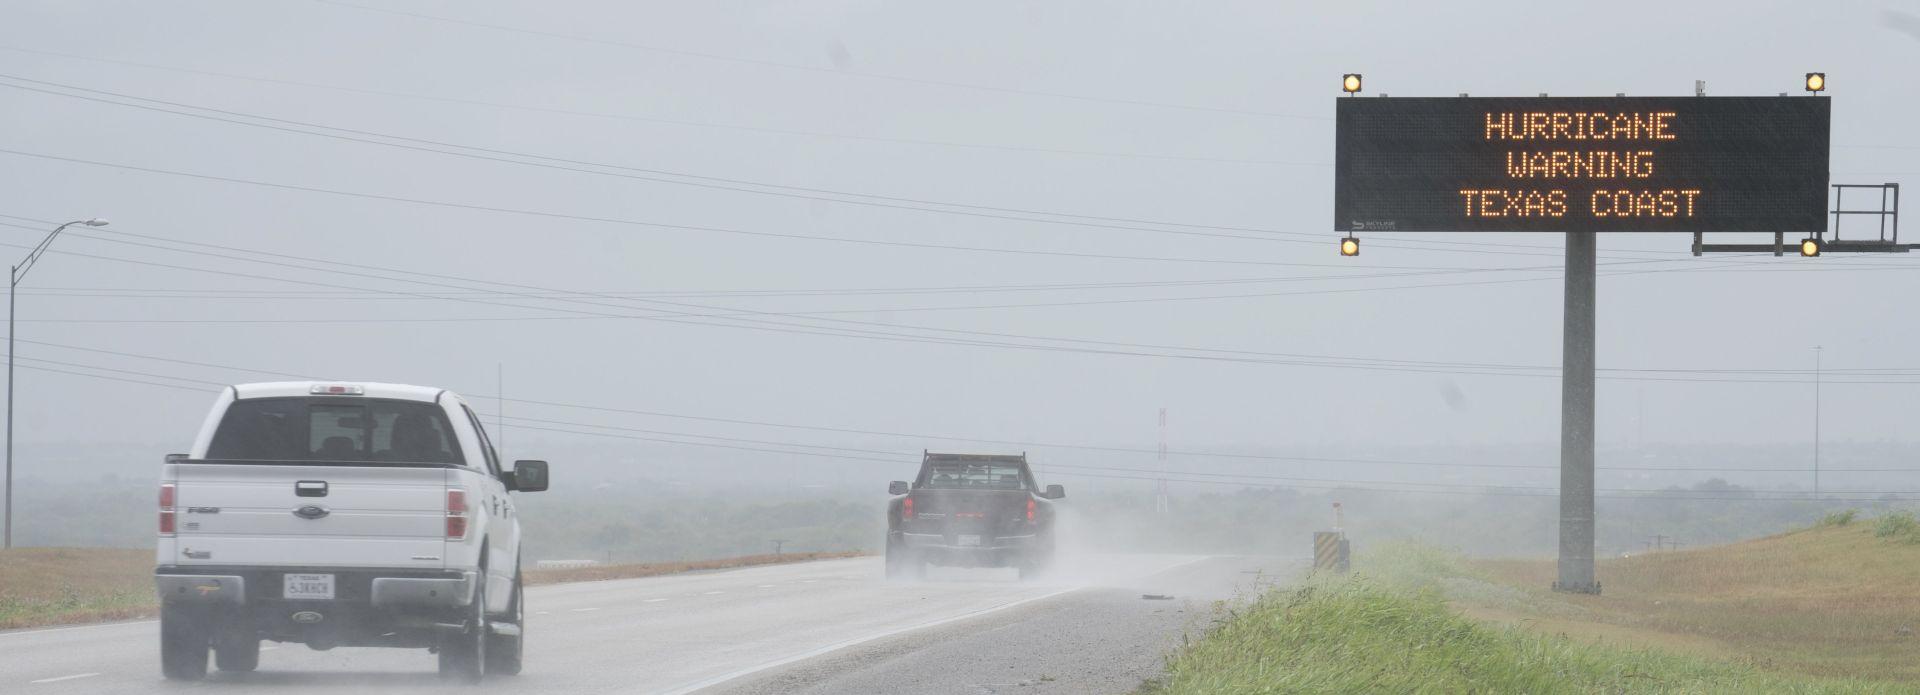 VIDEO: OBNOVA GODINAMA Harvey u Teksasu izazvao razaranja i velike poplave